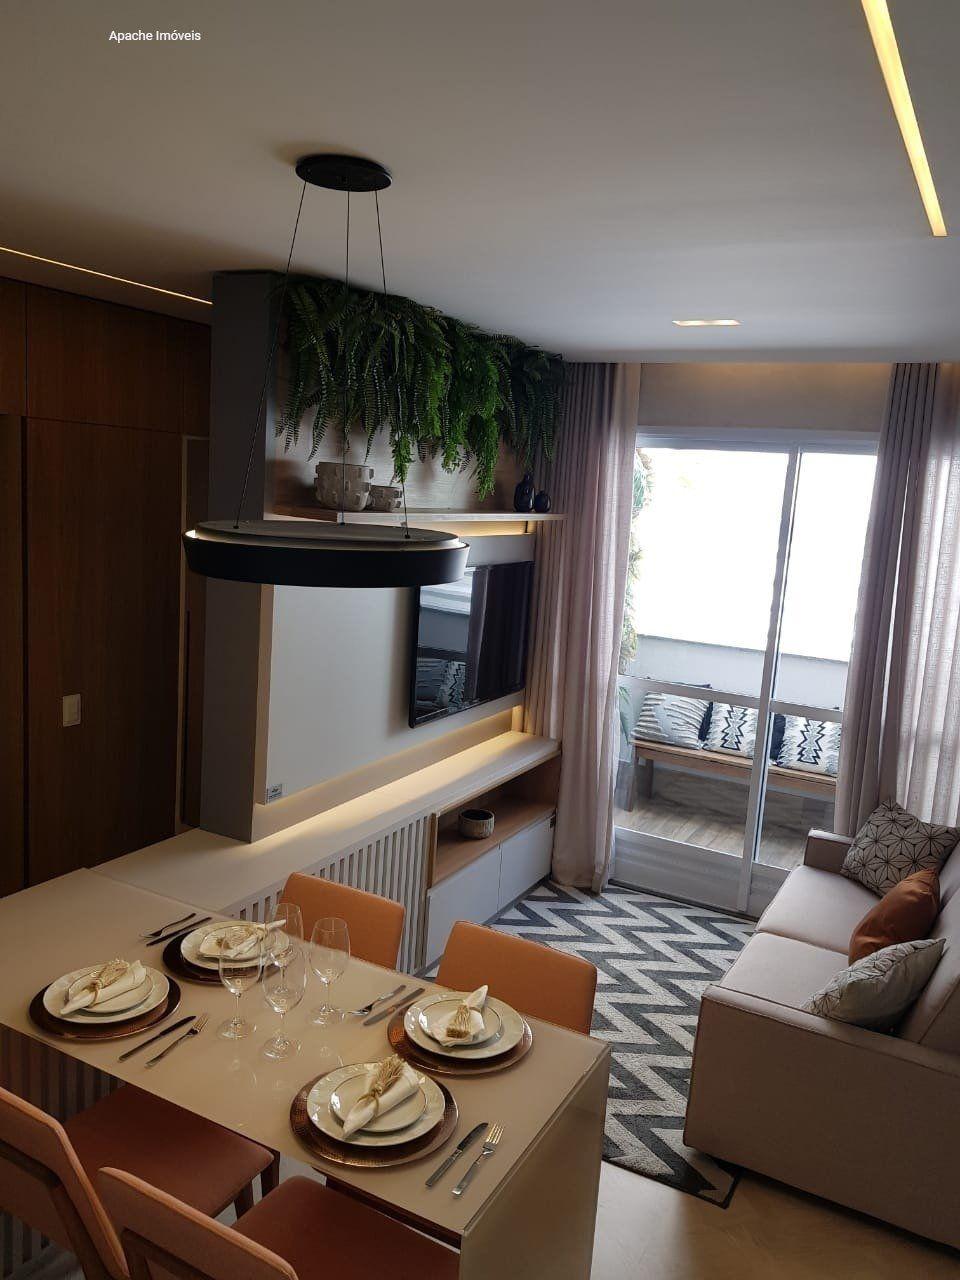 Sala e cozinha (3)